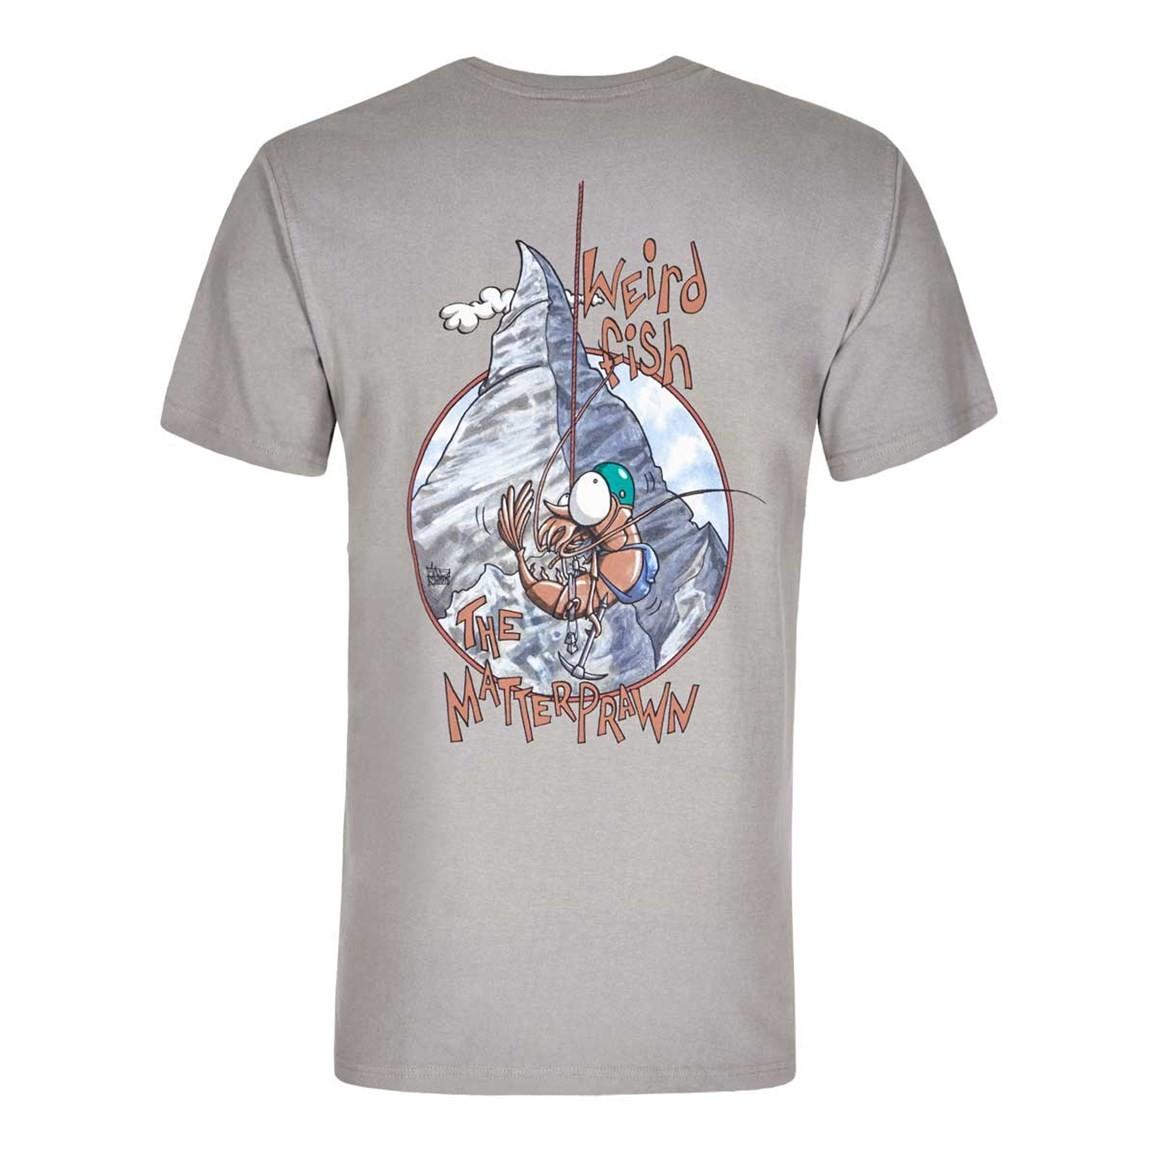 Matterprawn Printed Artist T-Shirt Frost Grey